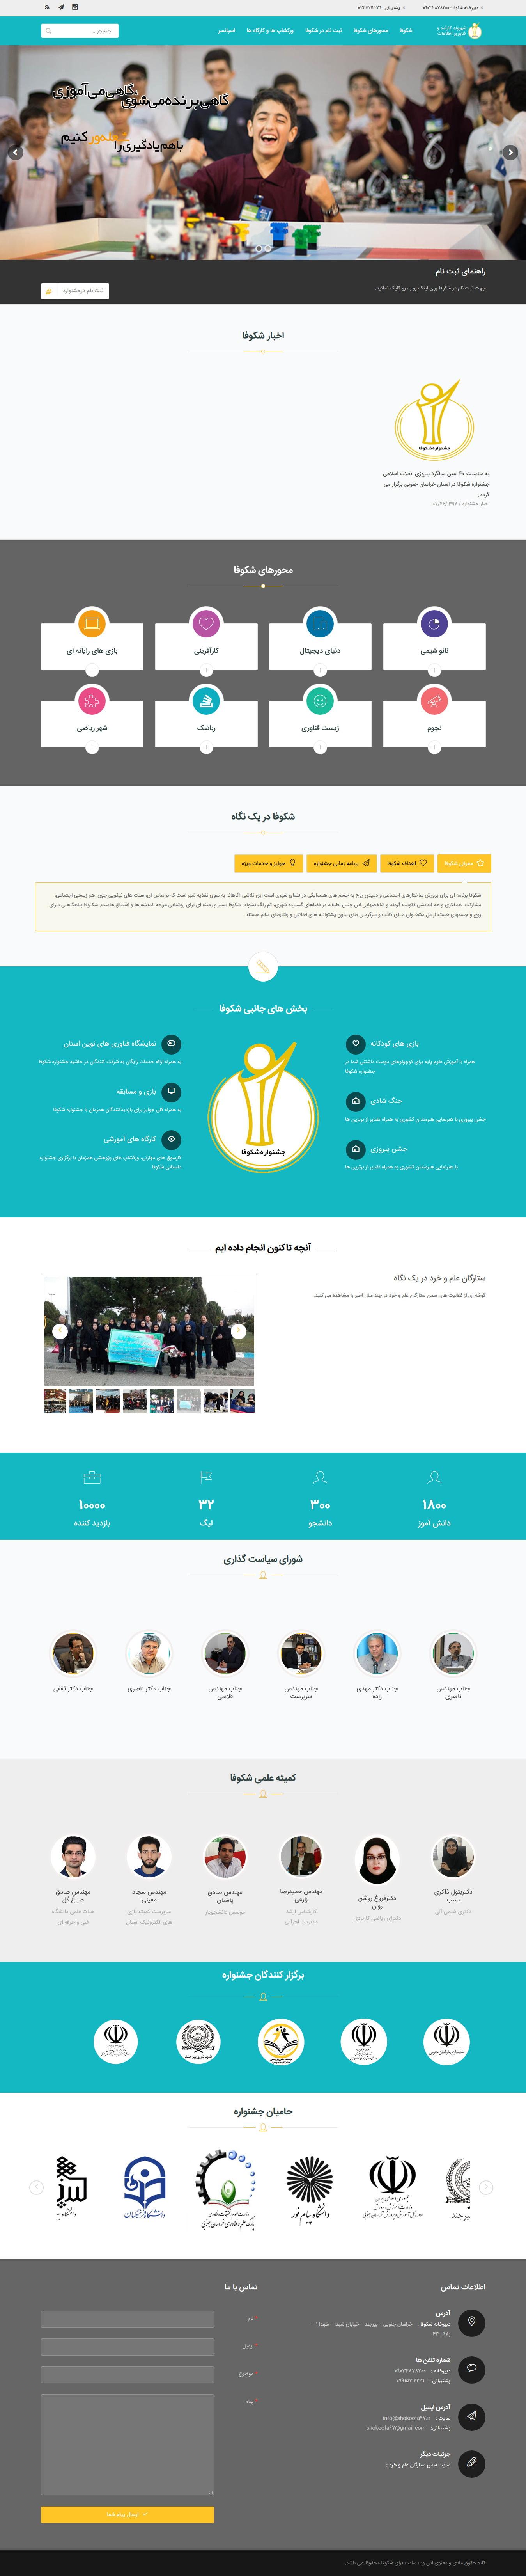 صفحه اصلی سایت شرکت شکوفا 97